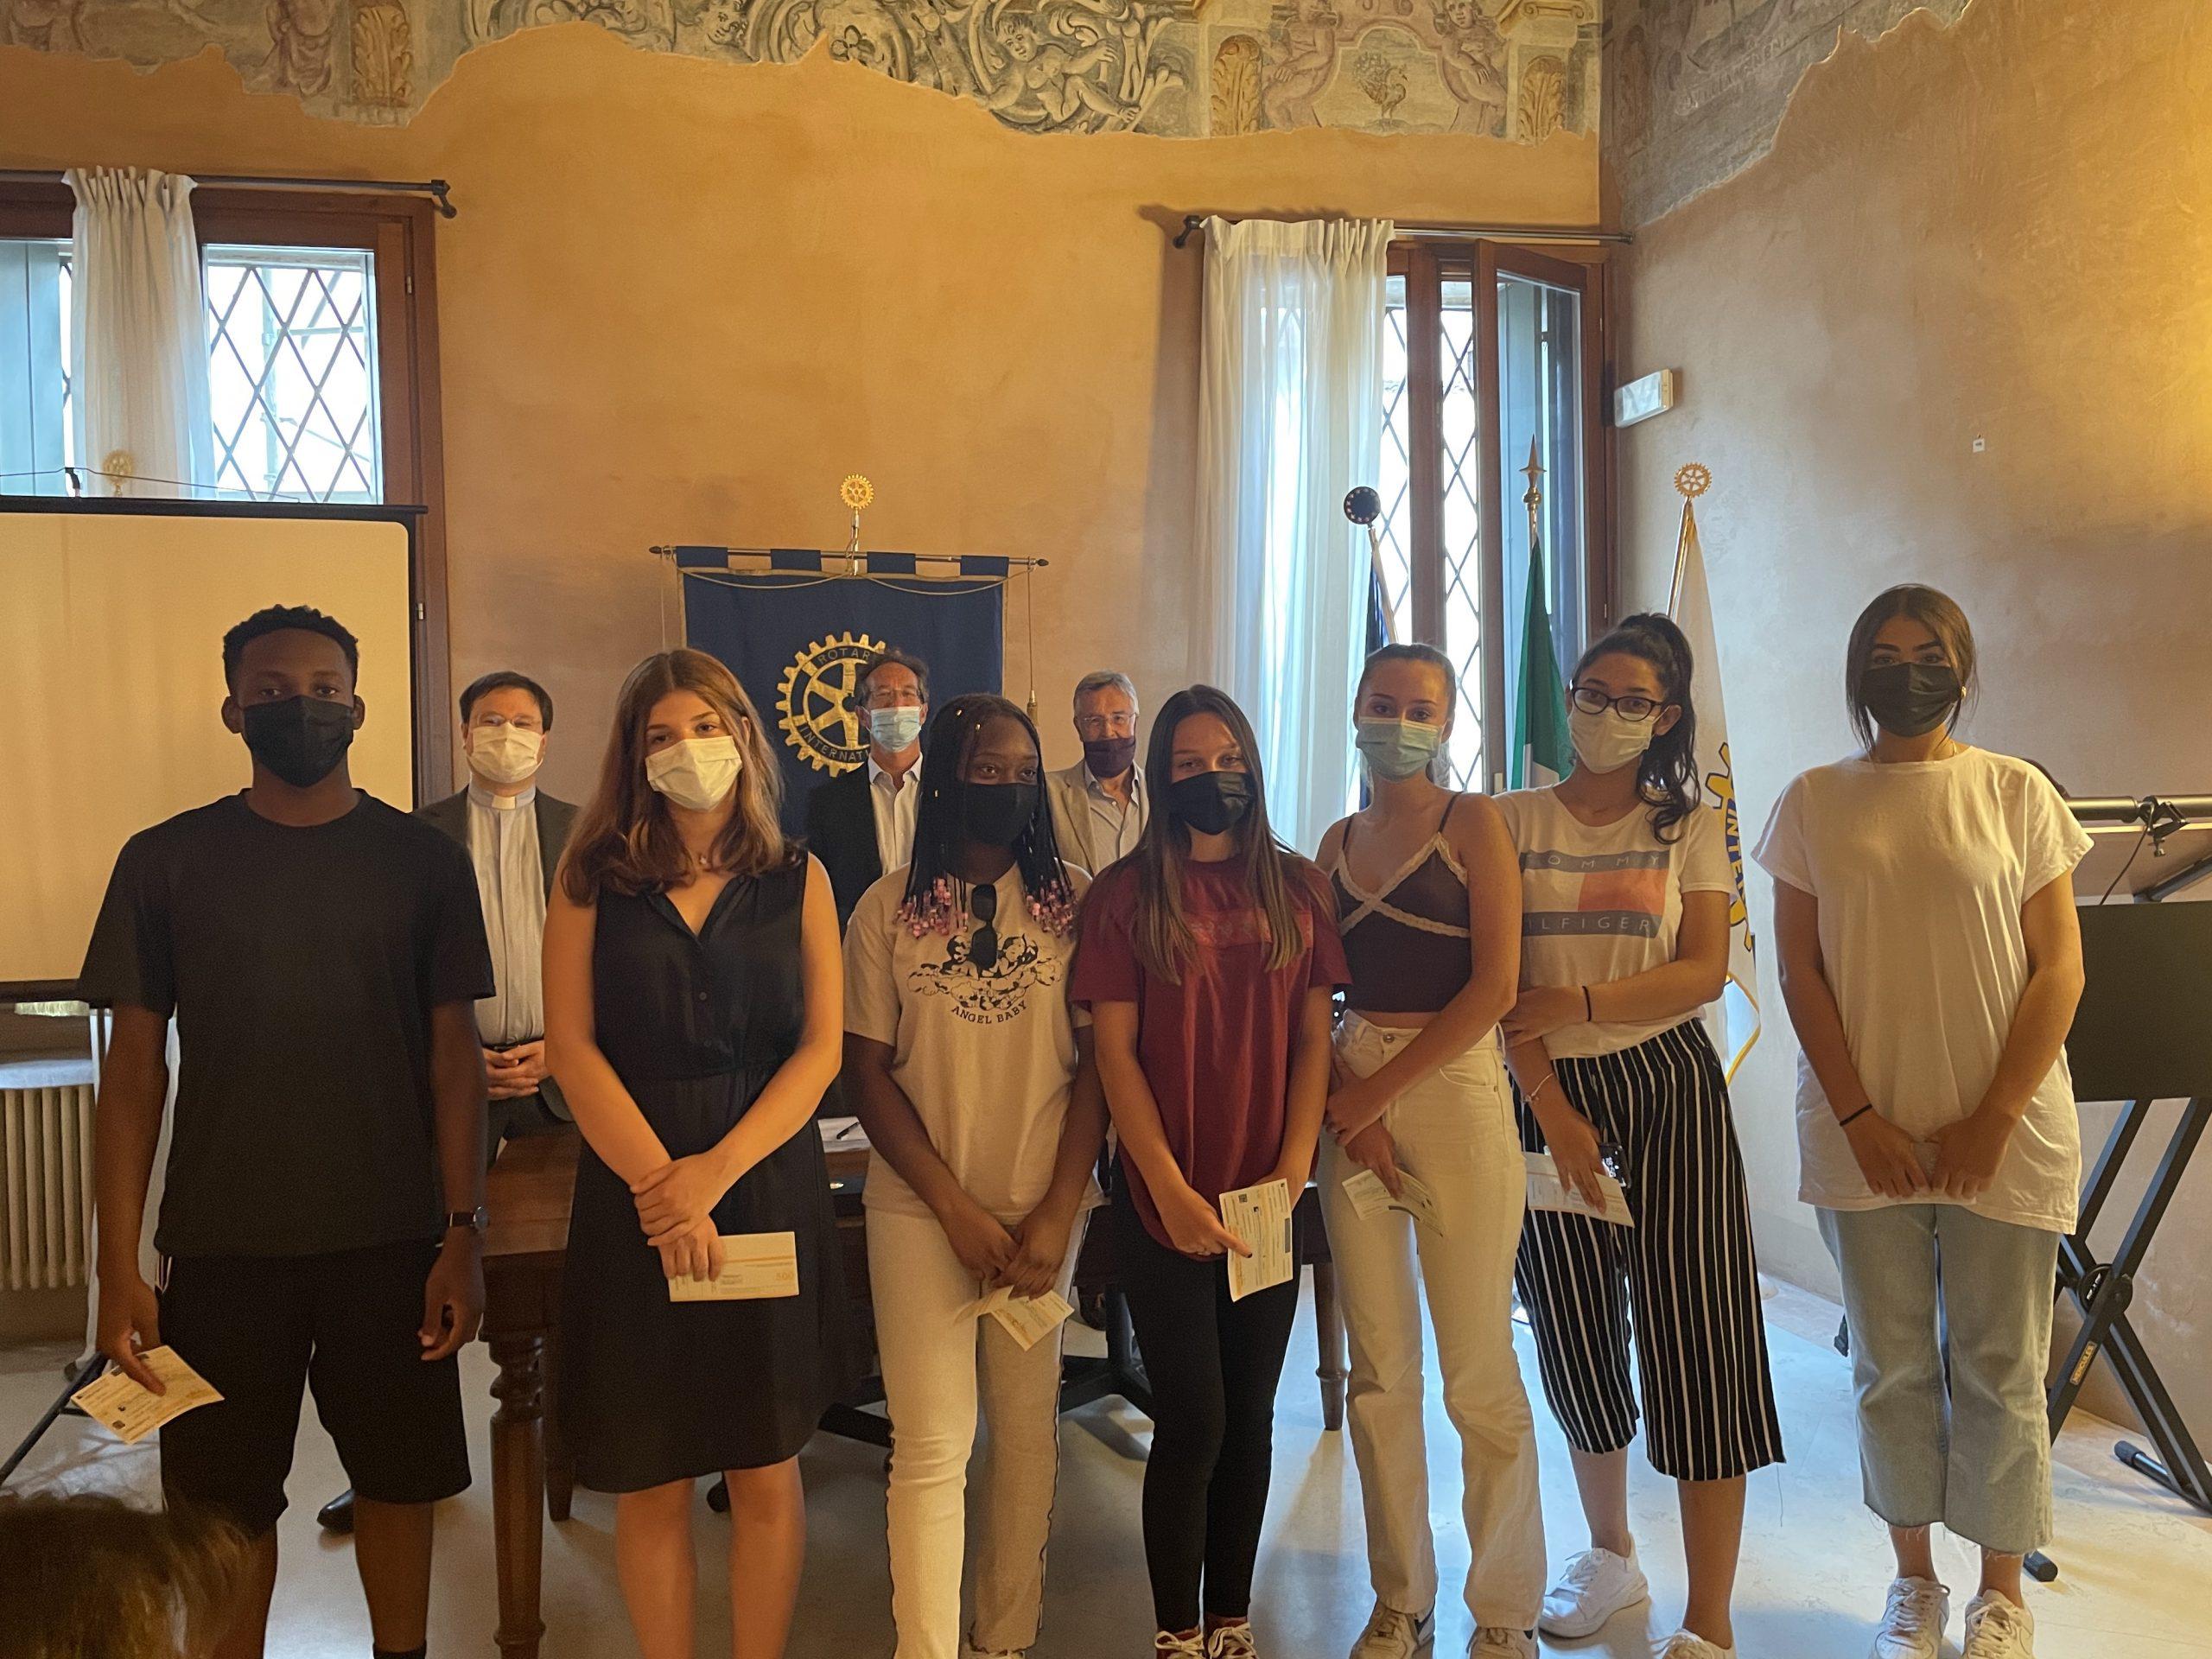 Fondazione Caritas e Rotary Club Vicenza Berici, 10 anni a sostegno dell'educazione